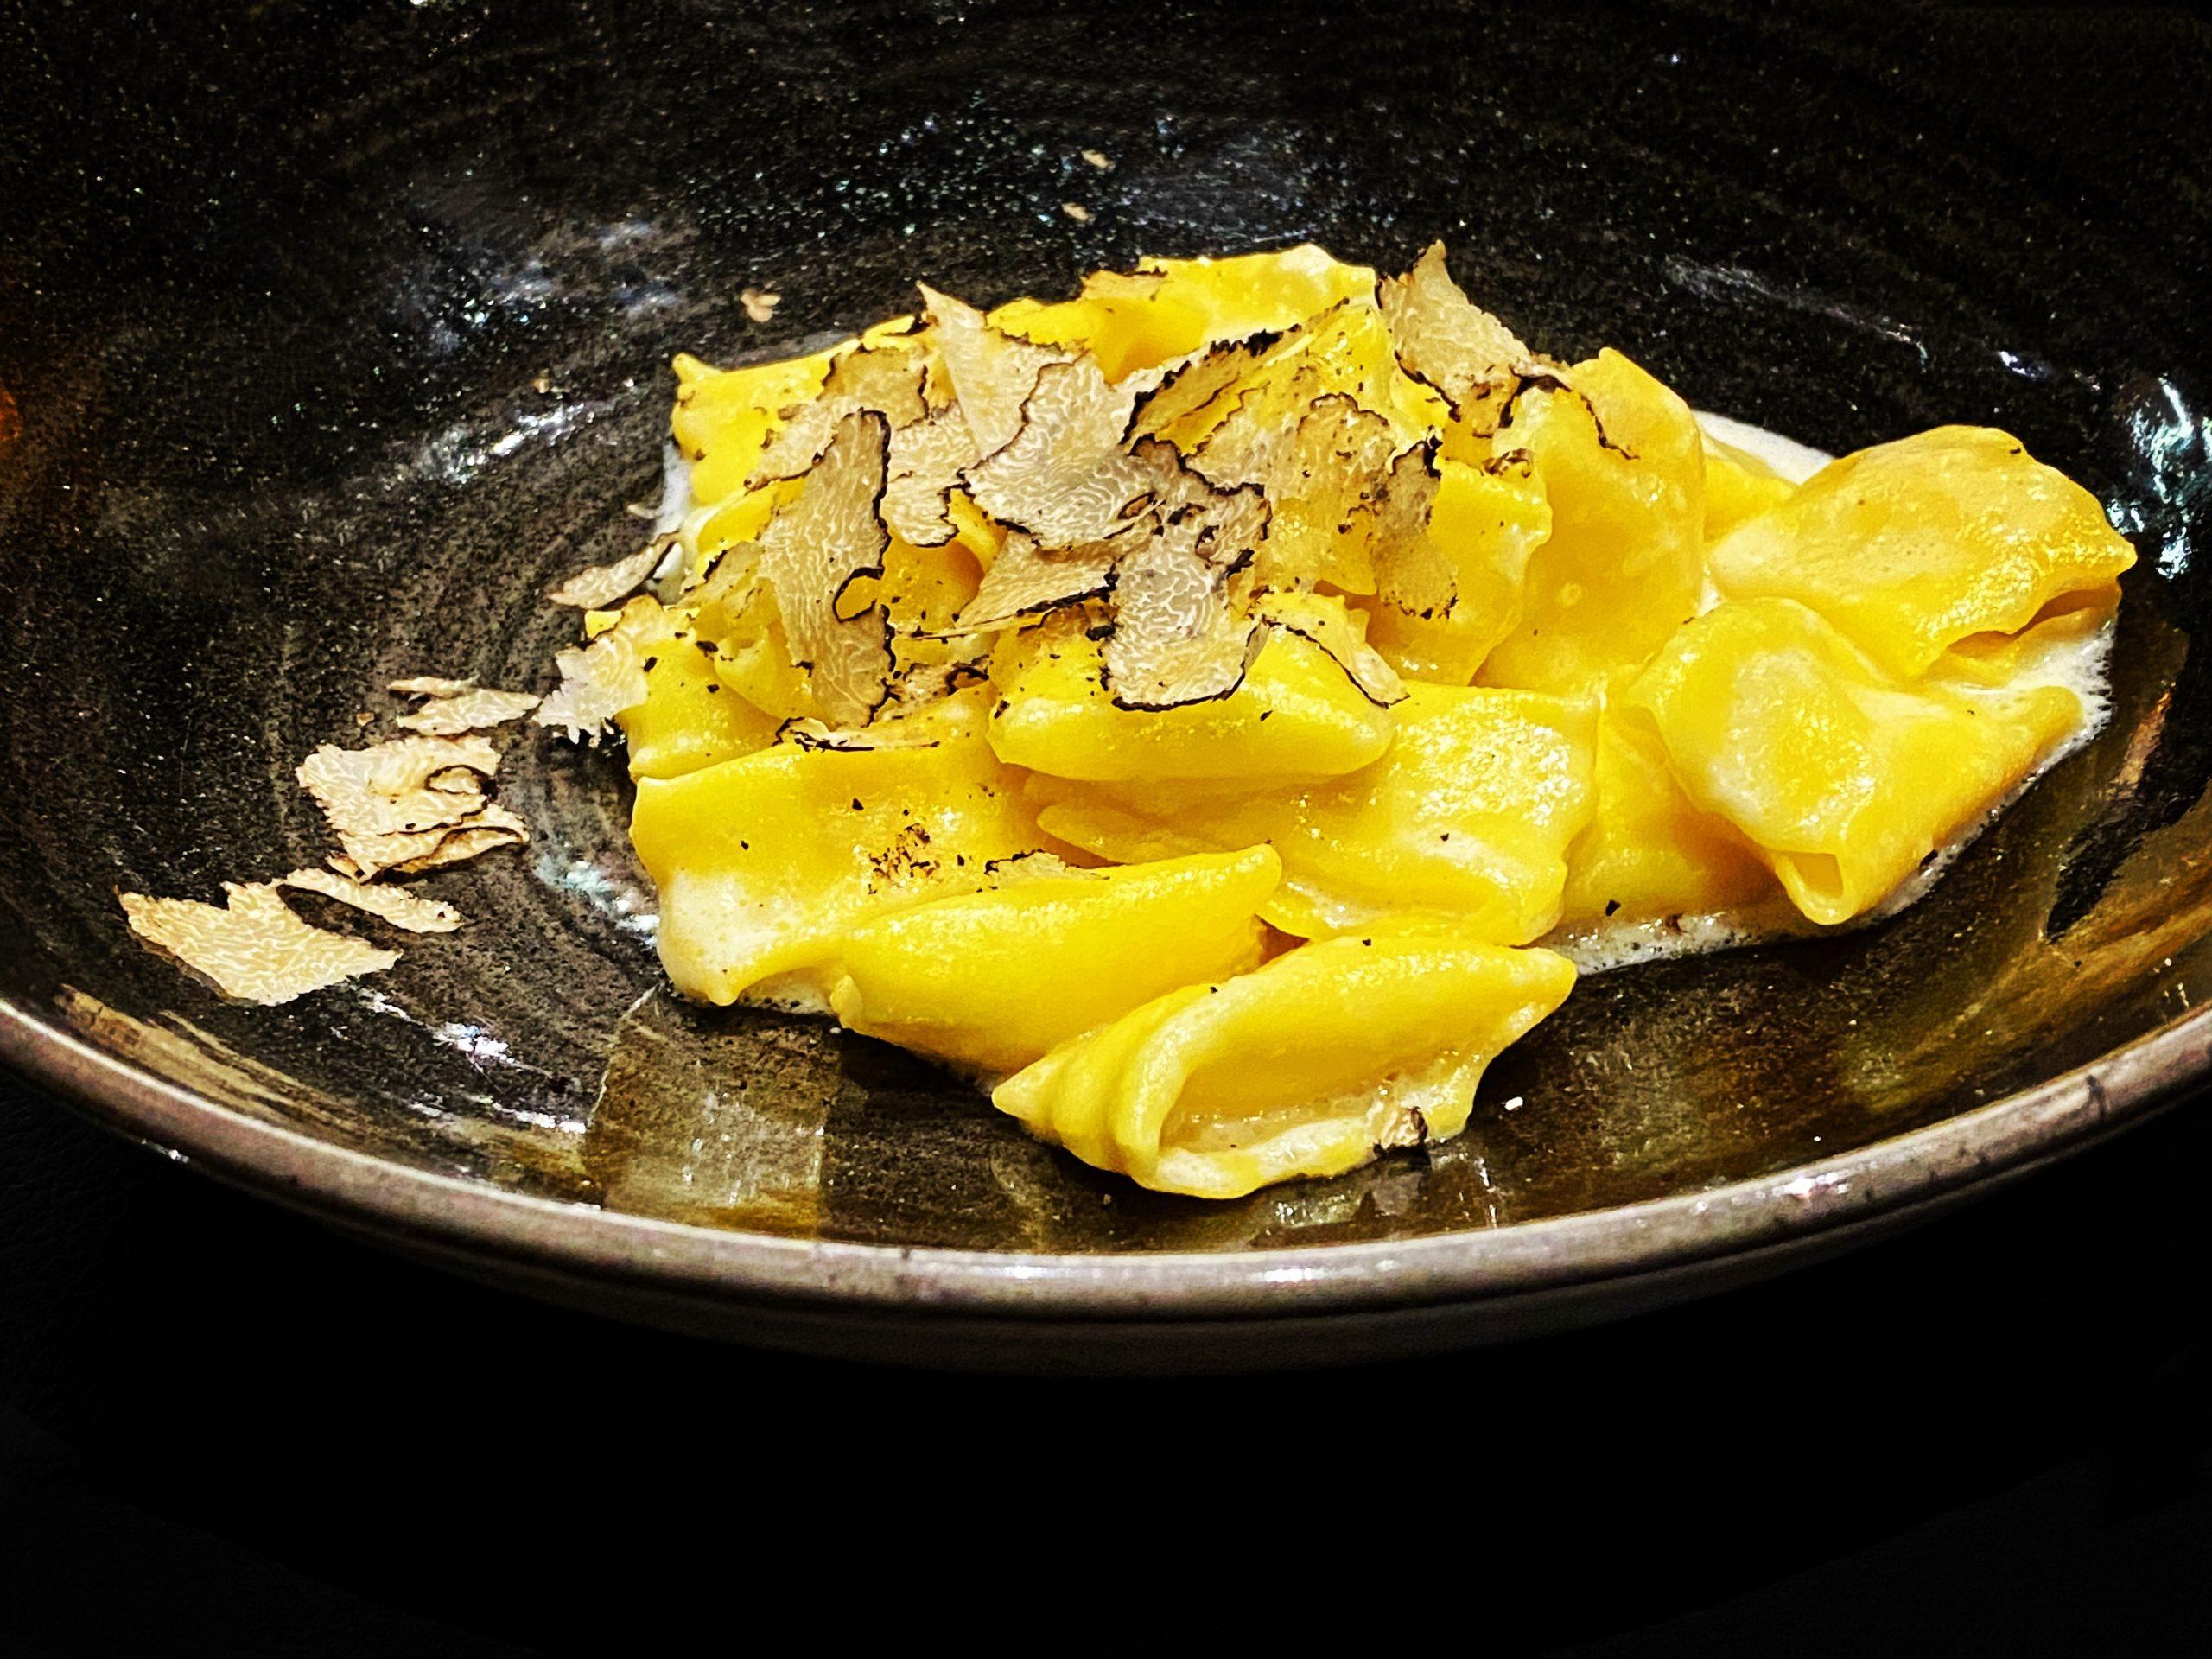 Ravioli di patate e porri, Parmigiano Reggiano e tartufo nero Boccon Divino Chiavari